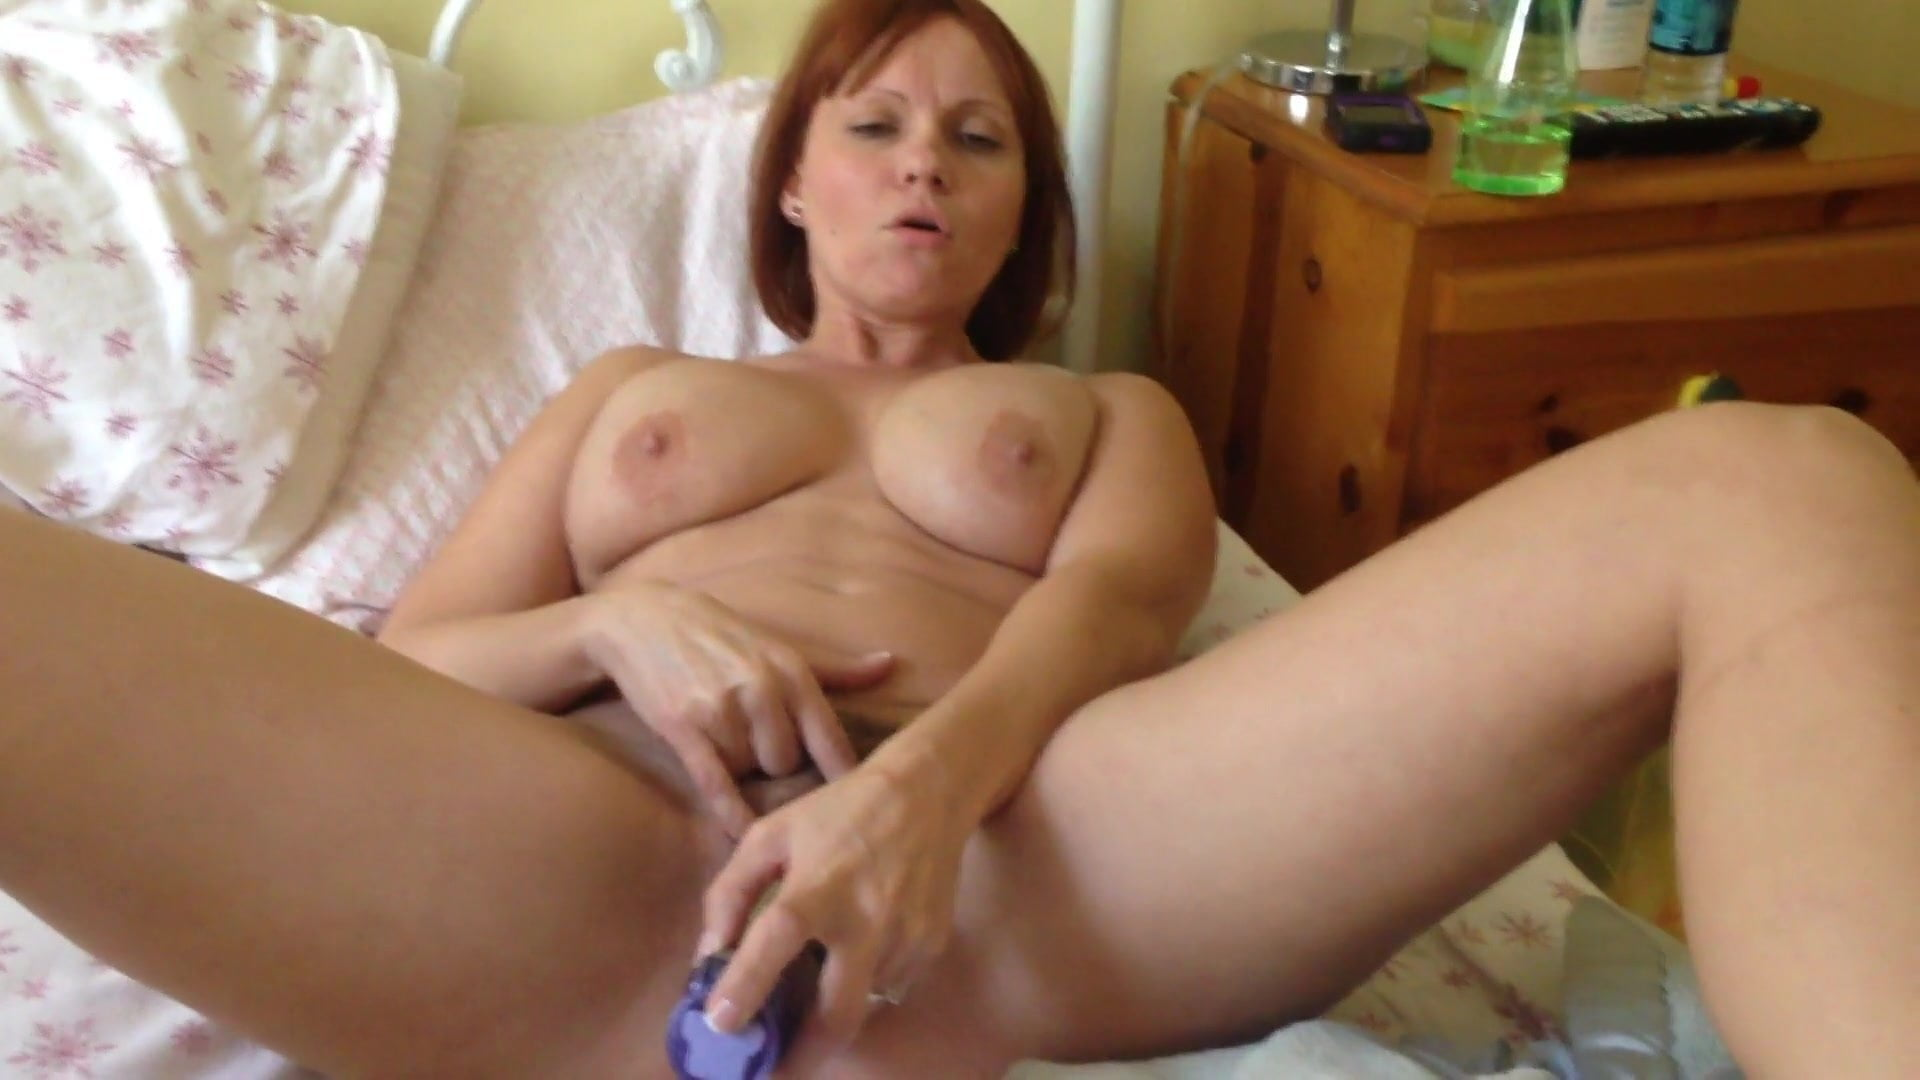 my-blonde-masterbating-wife-videos-wild-naked-women-handjob-videos